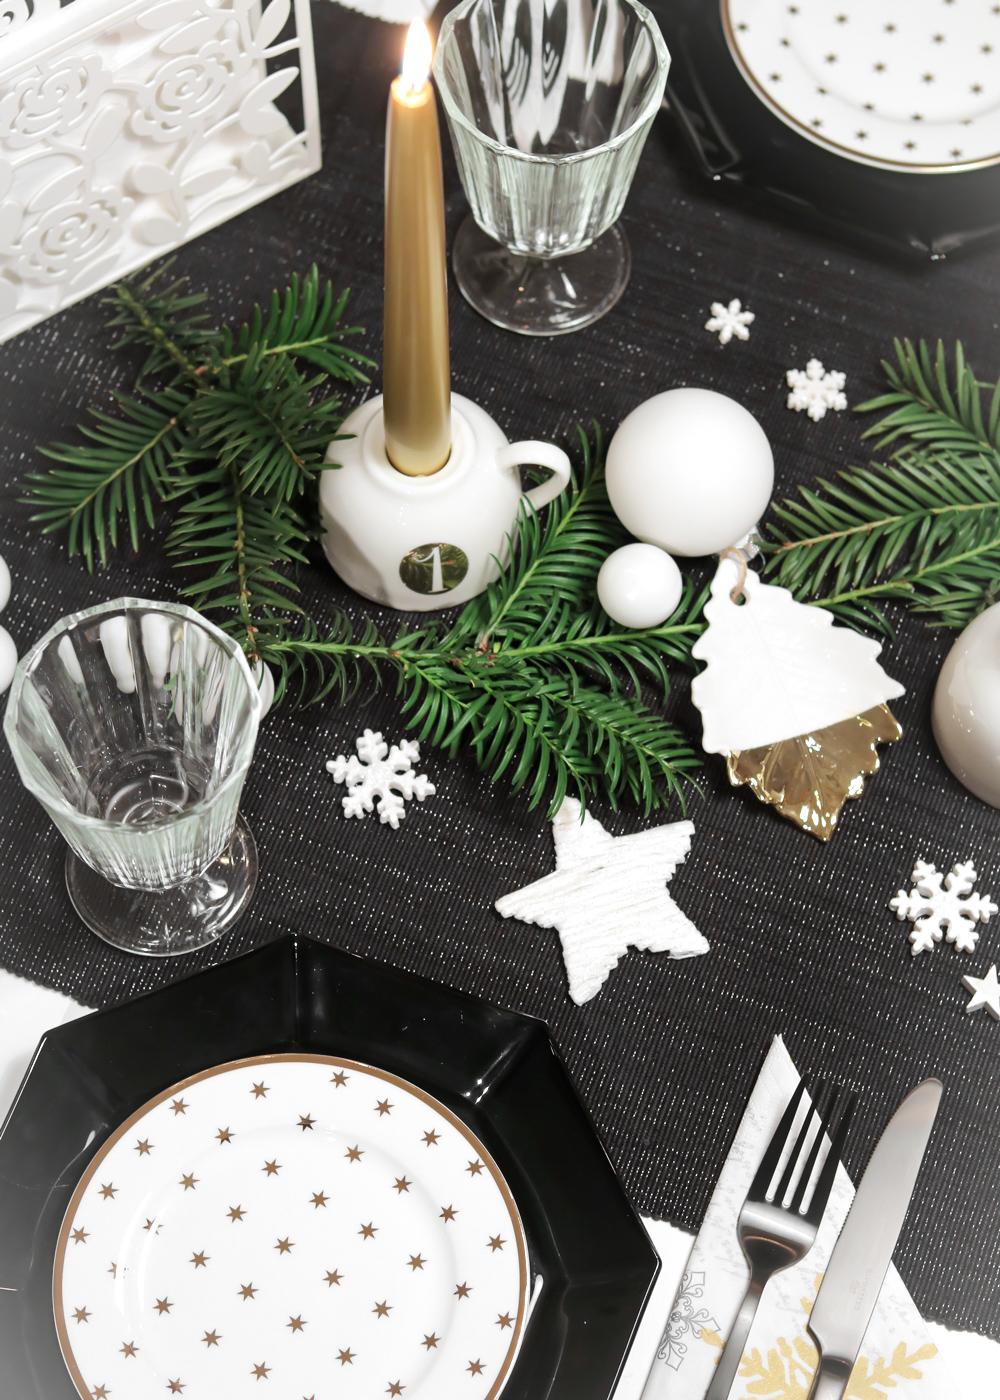 Ediths Weihnachten Tischdekoration Advent Schwarzes Besteck Teller Gold Sterne 5 Lavie Deboite